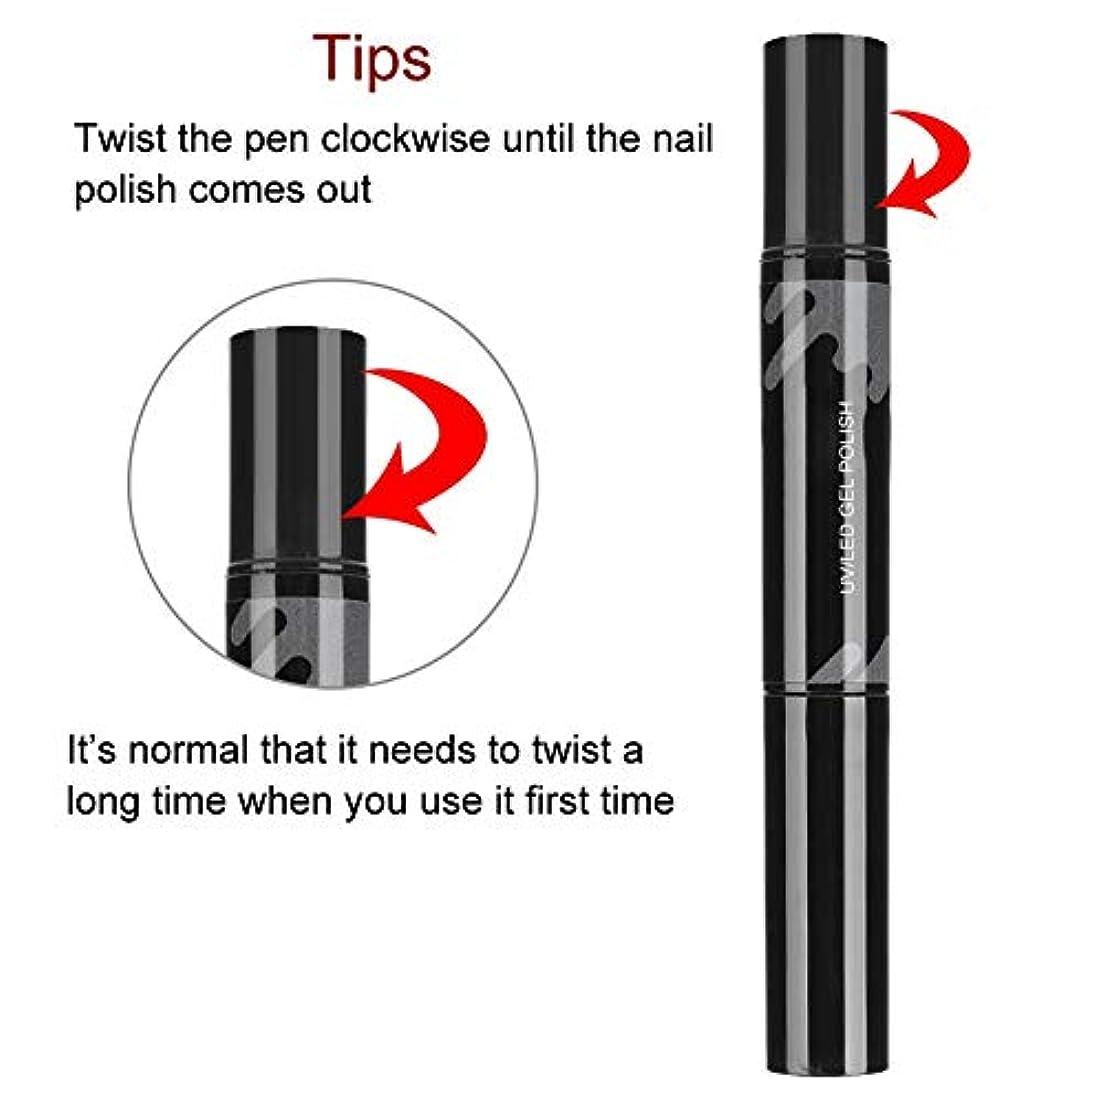 ドラム内陸大臣DIY UV ジェルネイルポリッシュマニキュア用プロフェッショナルネイルポリッシュペン(8044)